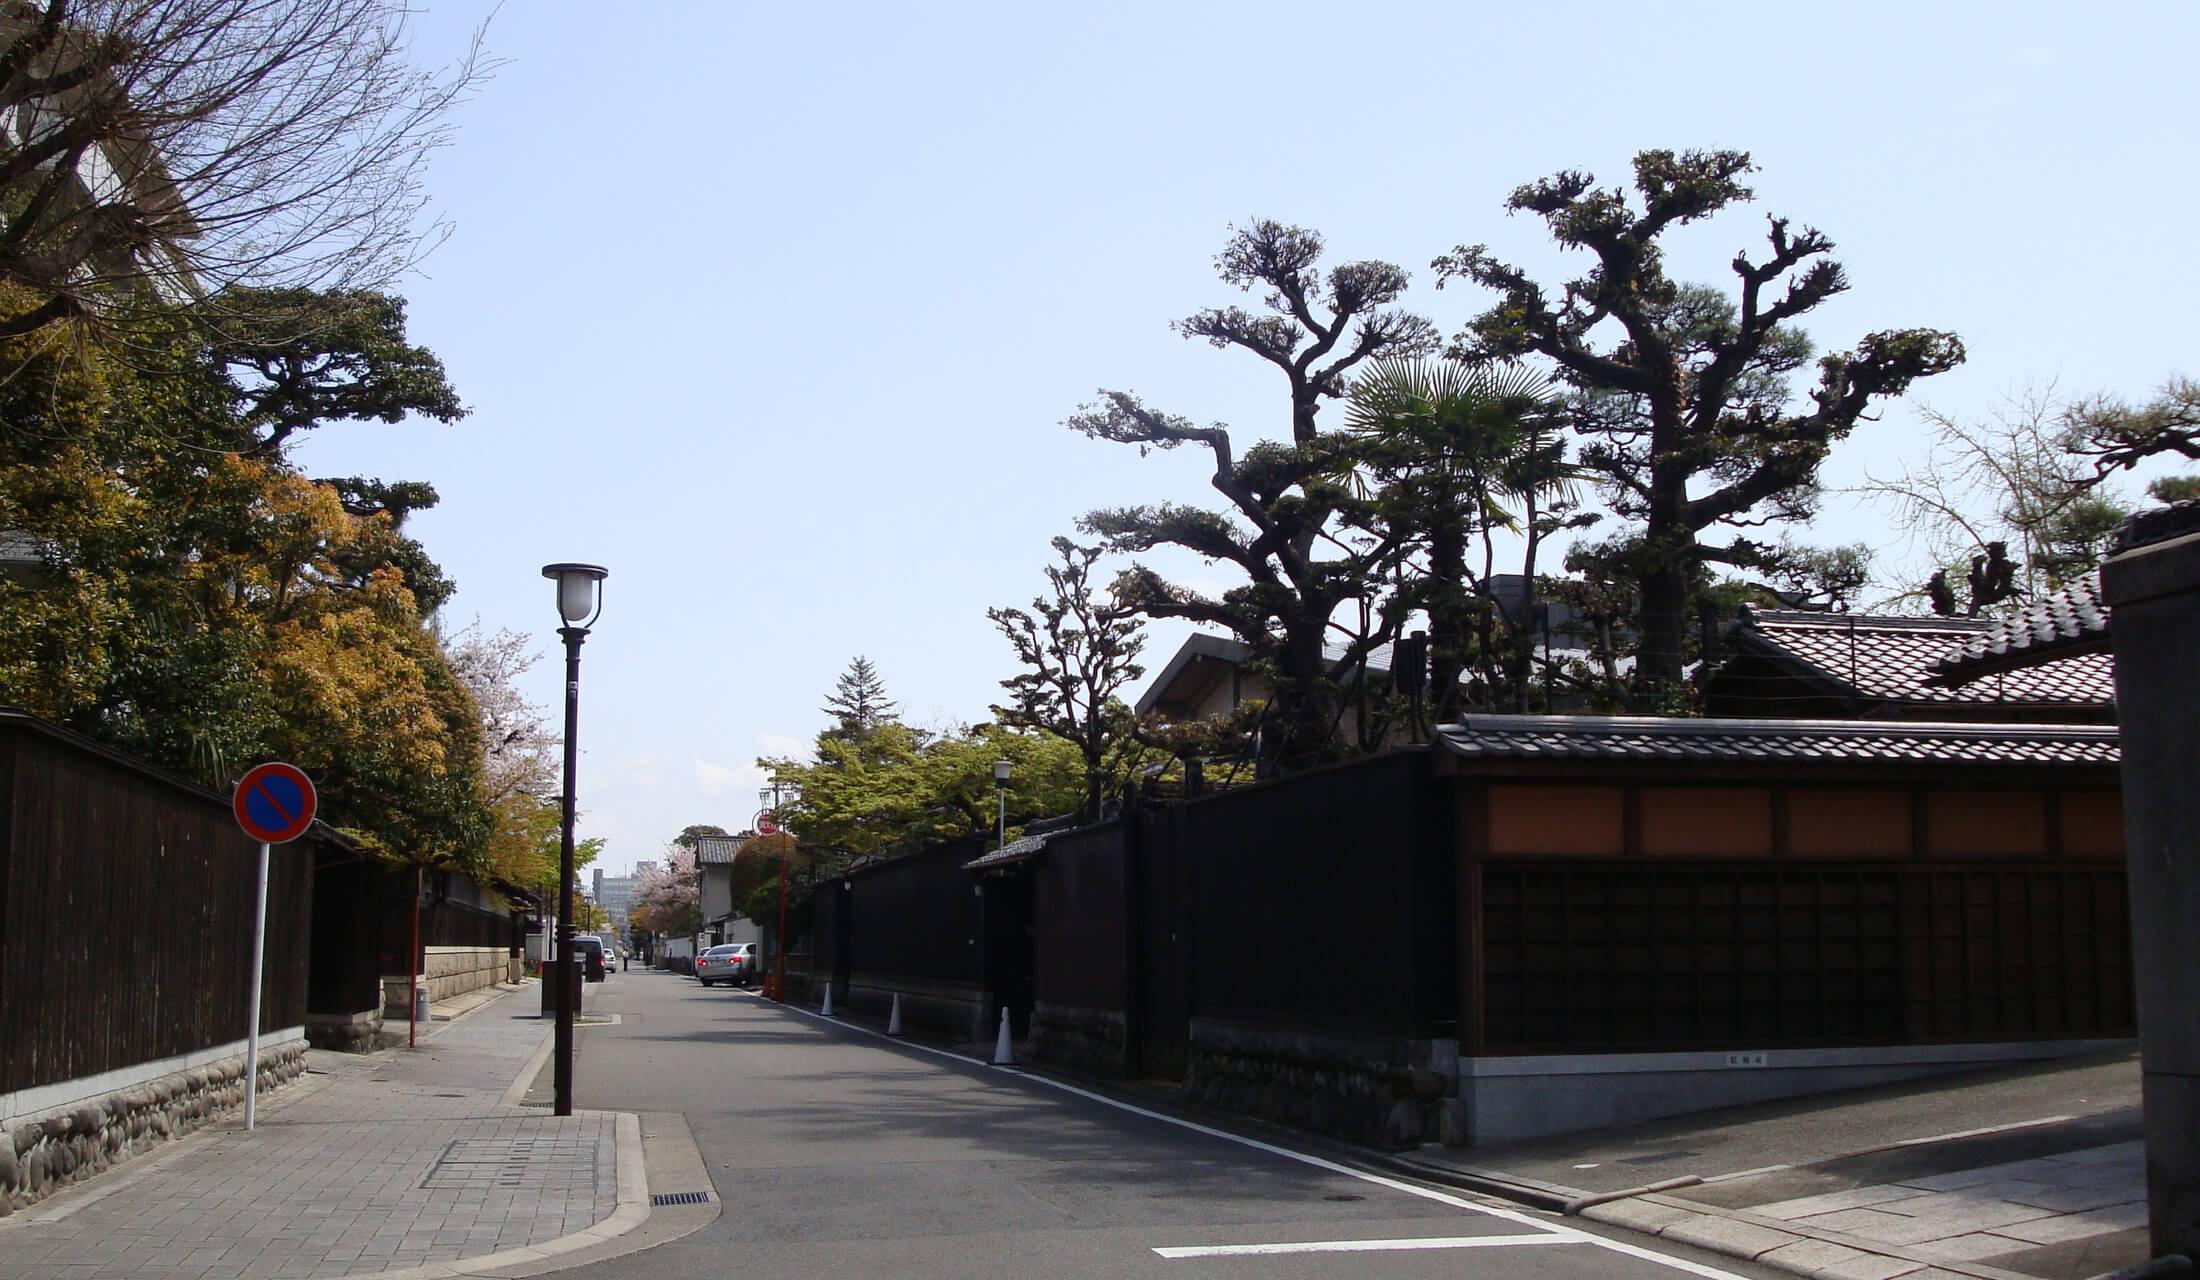 武家屋敷おおモカが残る瓦塀が連なり、塀と家の間には樹々が植わってる通り